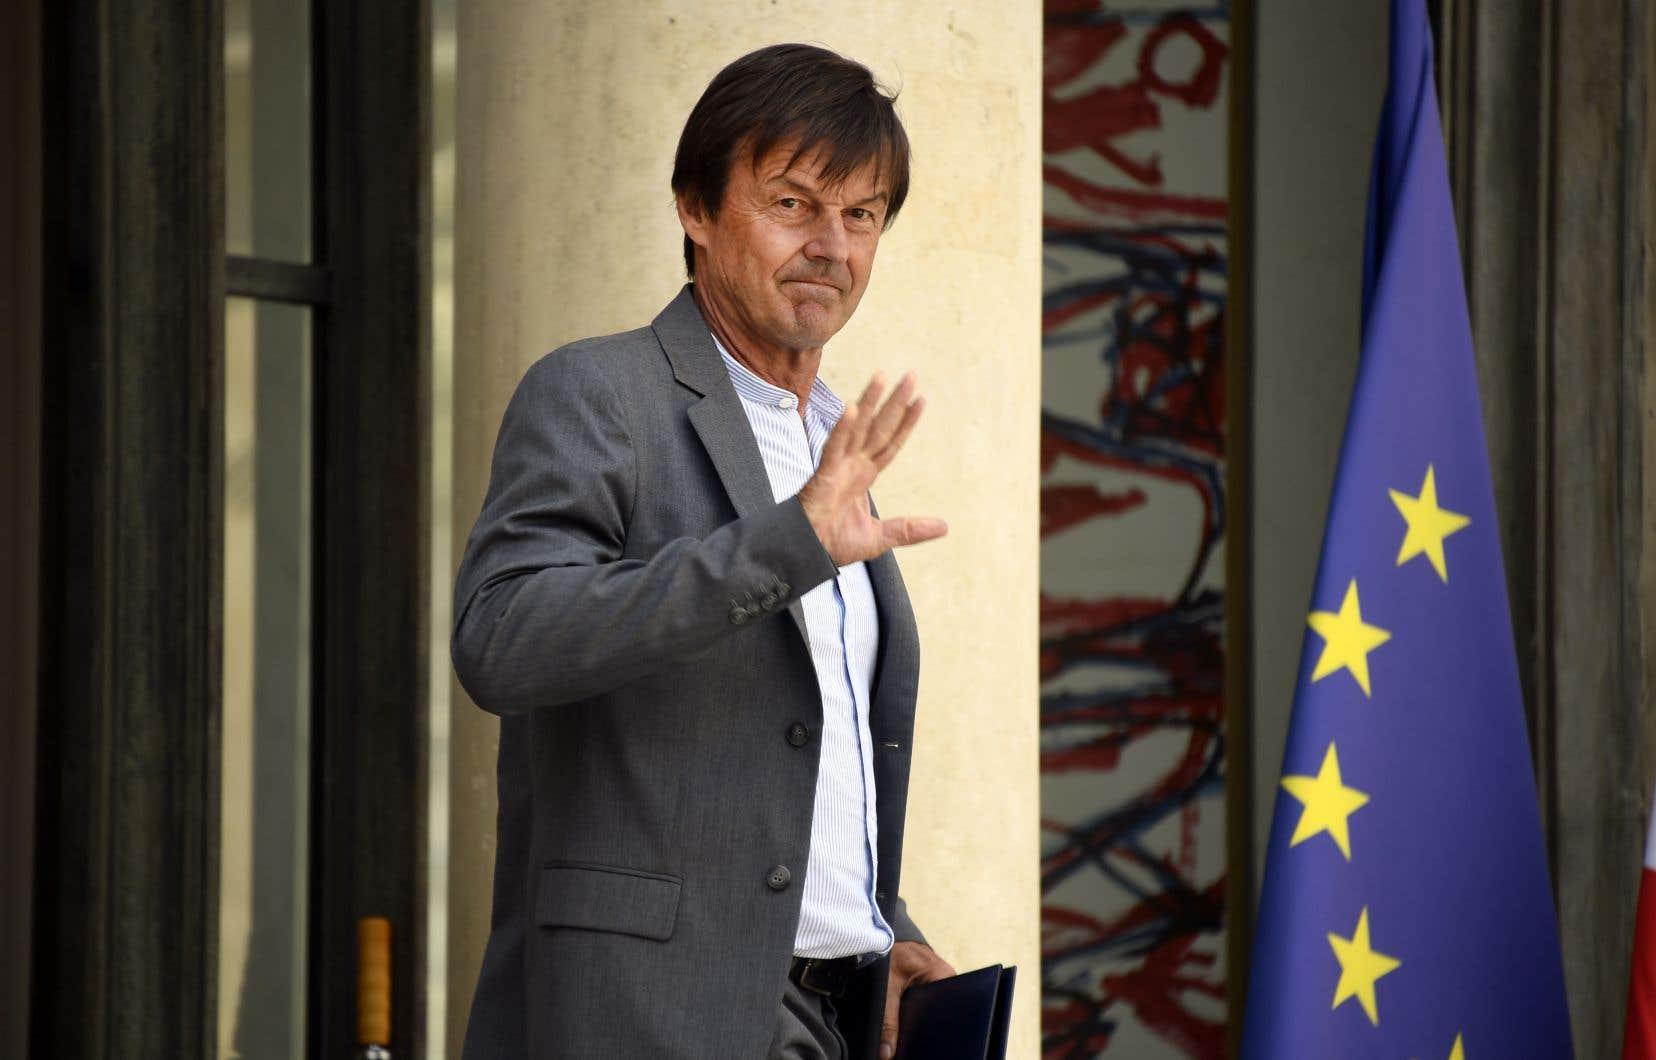 Le ministre français de la Transition écologique a pris tout le monde par surprise en annonçant son retrait de la vie politique.